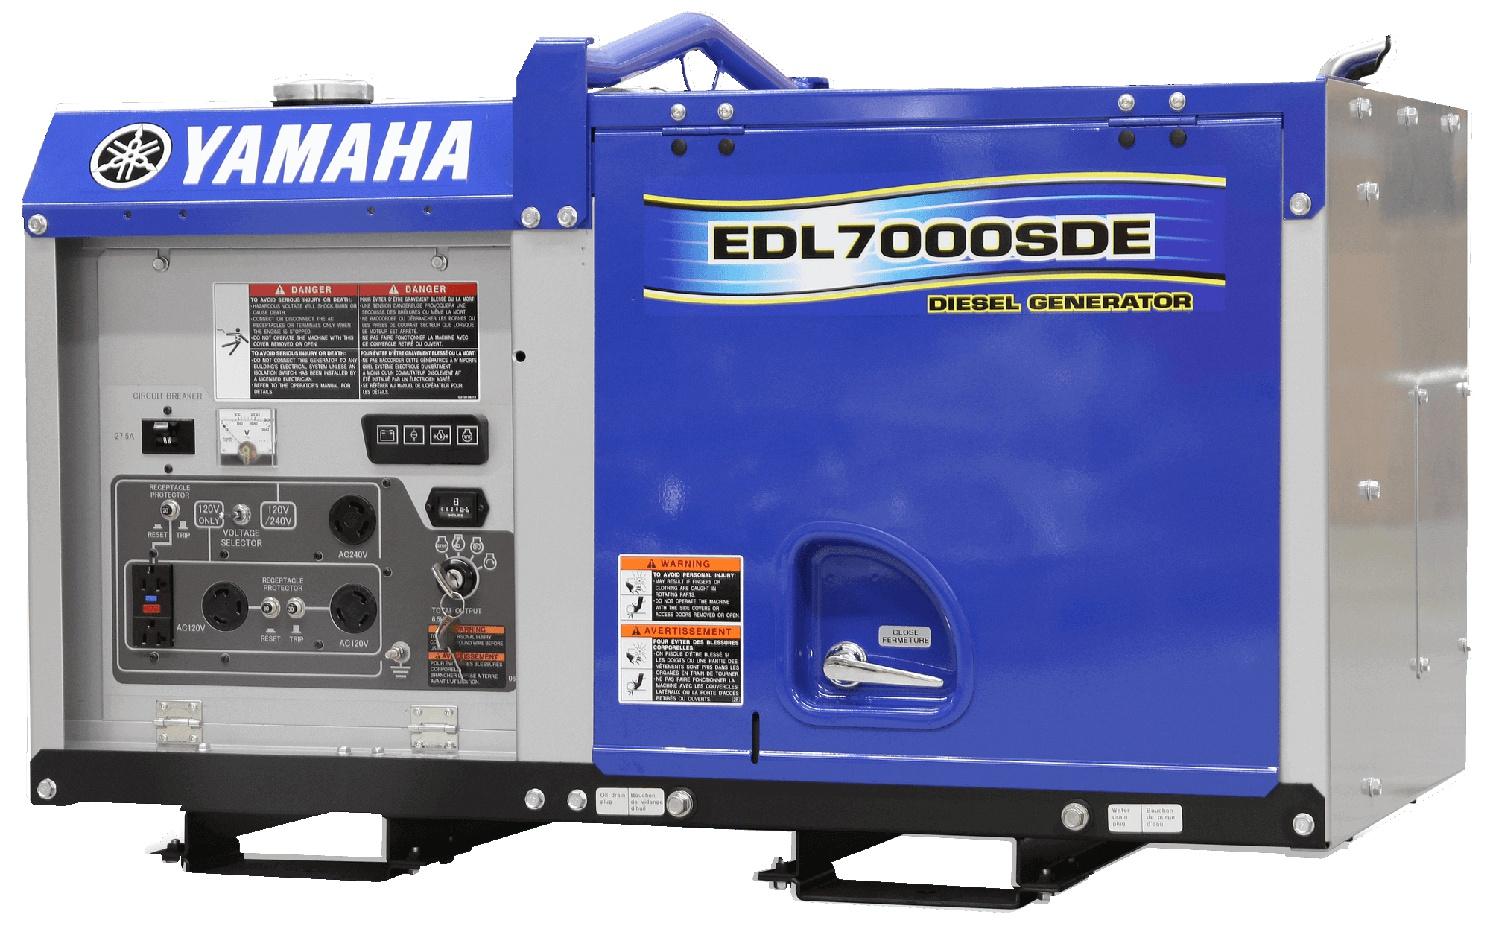 Yamaha EDL7000SDE Blue